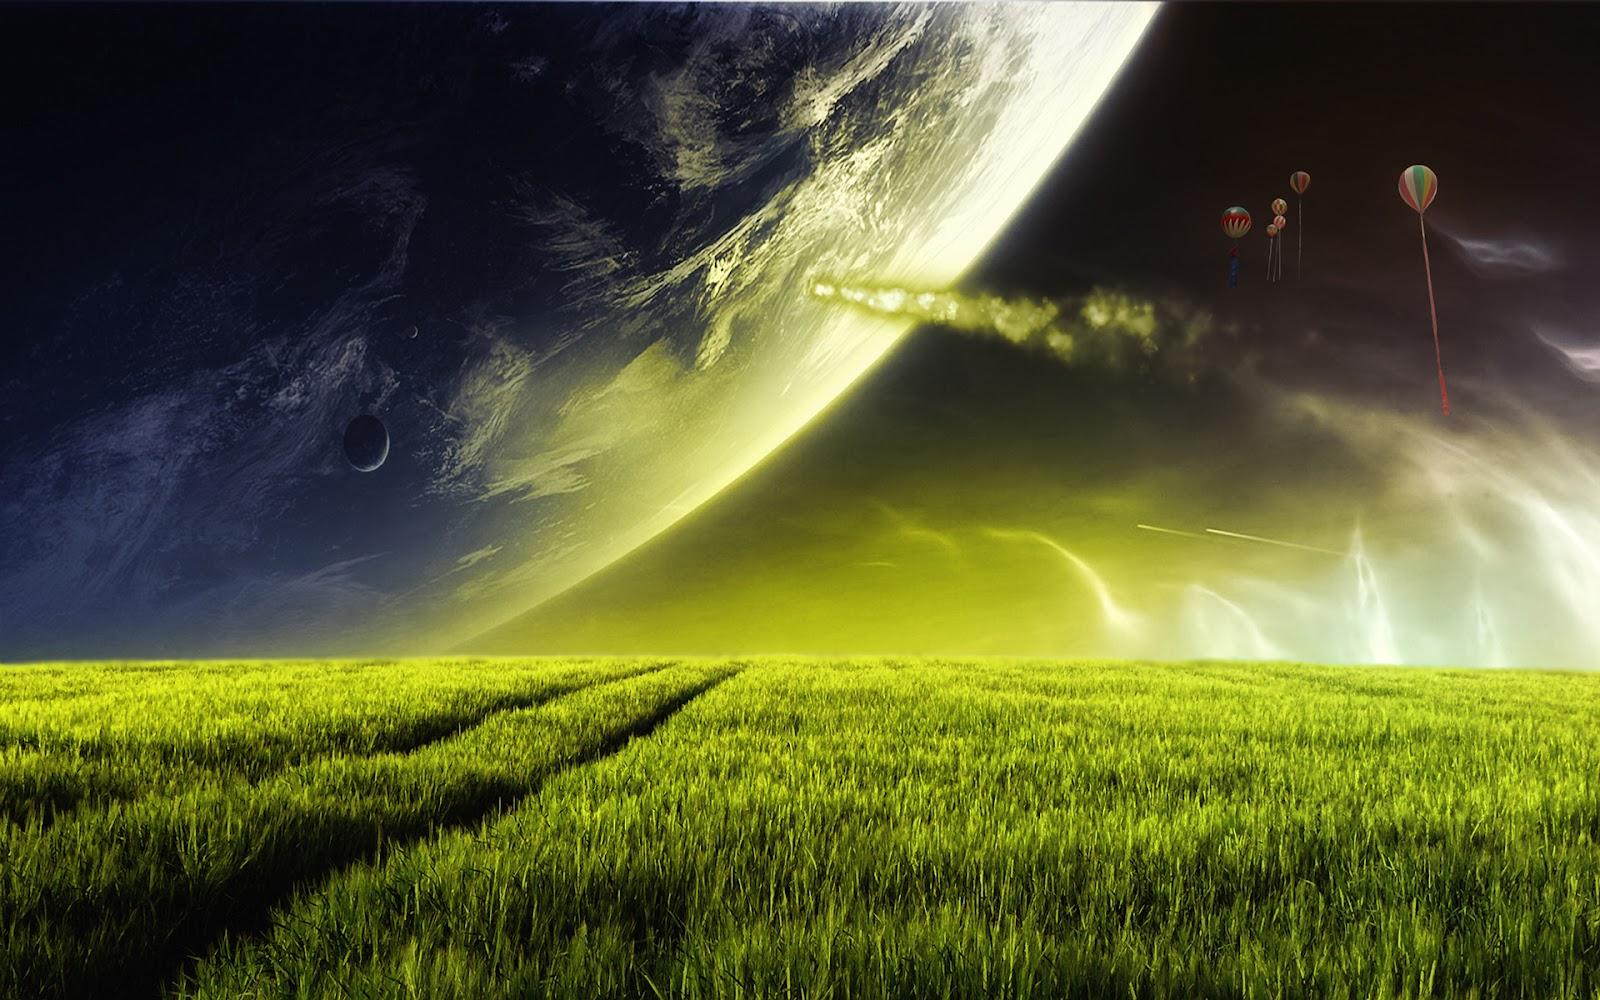 Wallpapers - HD Desktop Wallpapers Free Online: HD Landscape Wallpaper Set